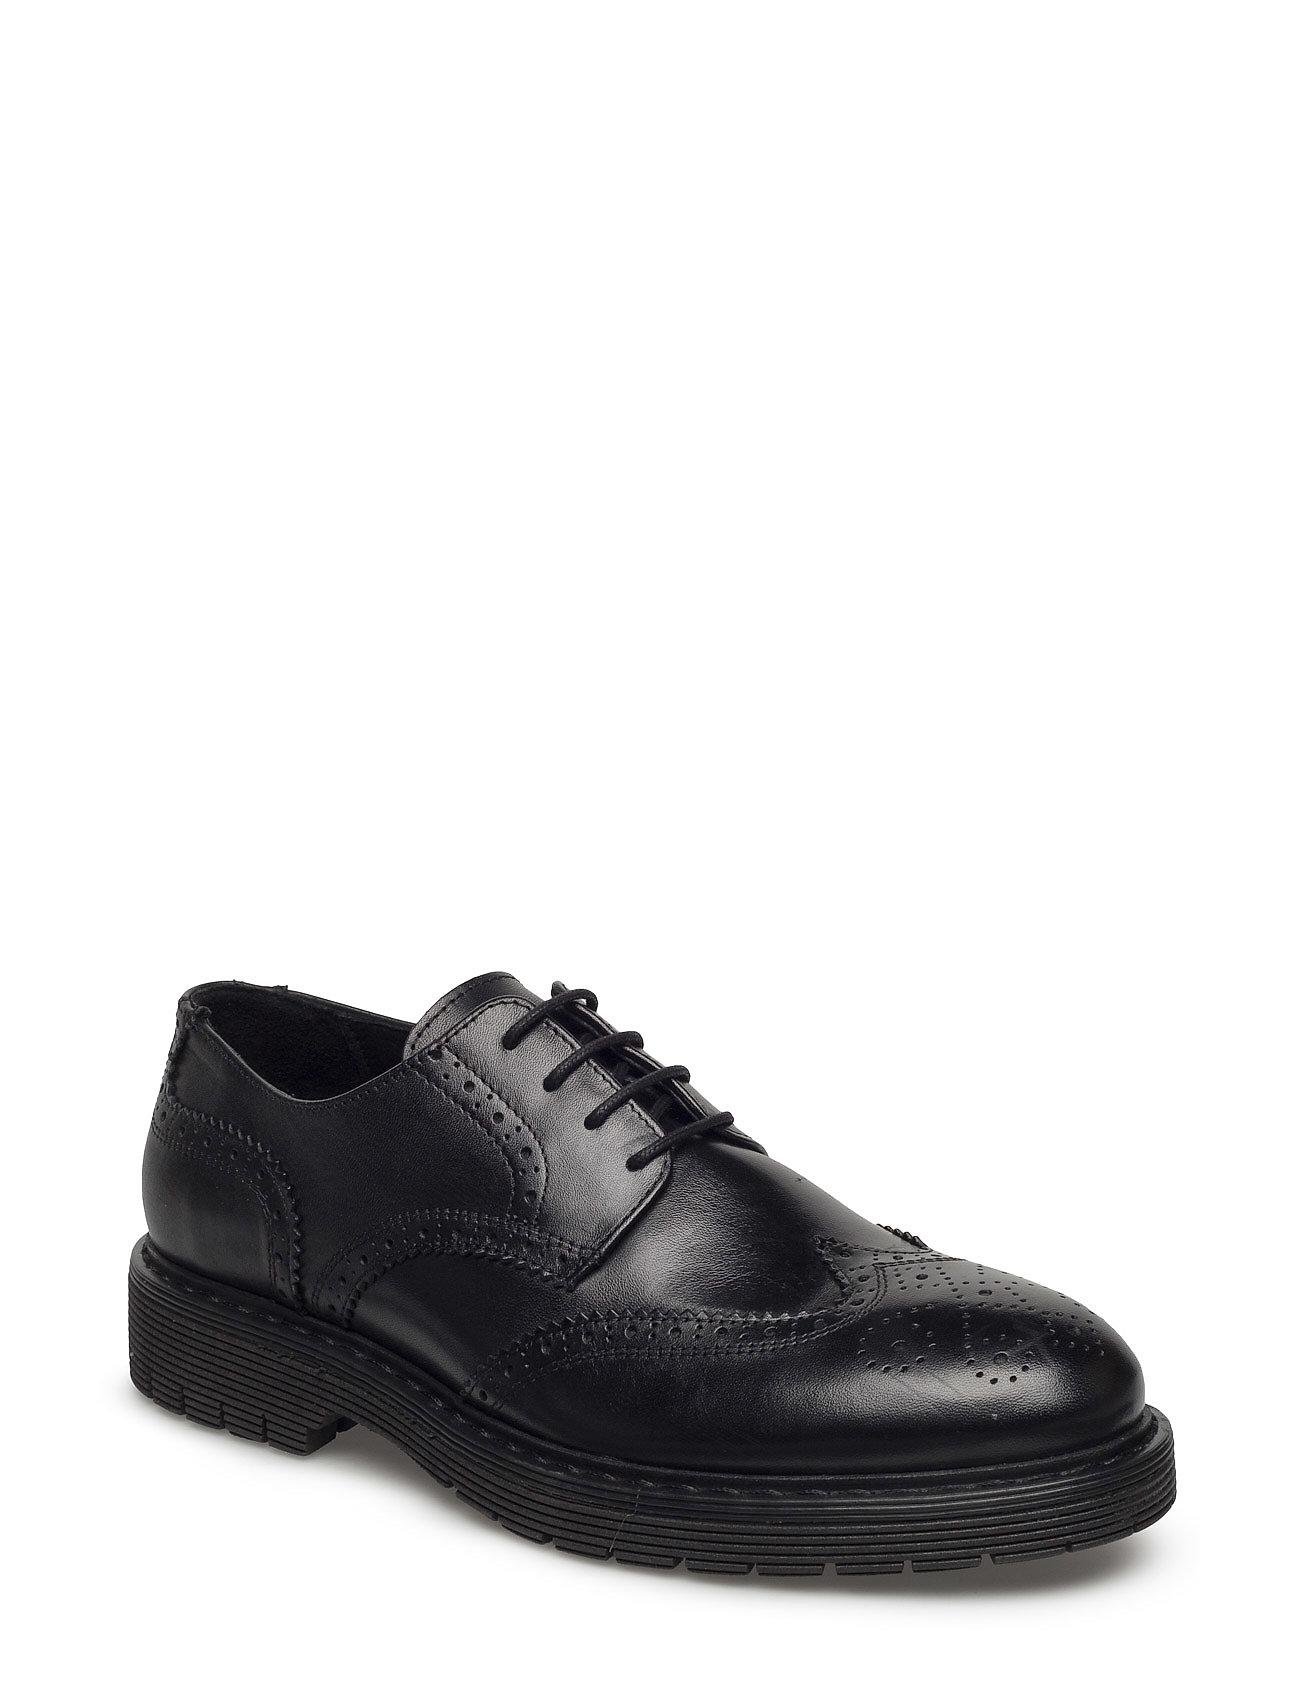 Emmerson Brouge 3302 Samsøe & Samsøe Casual sko til Herrer i Sort